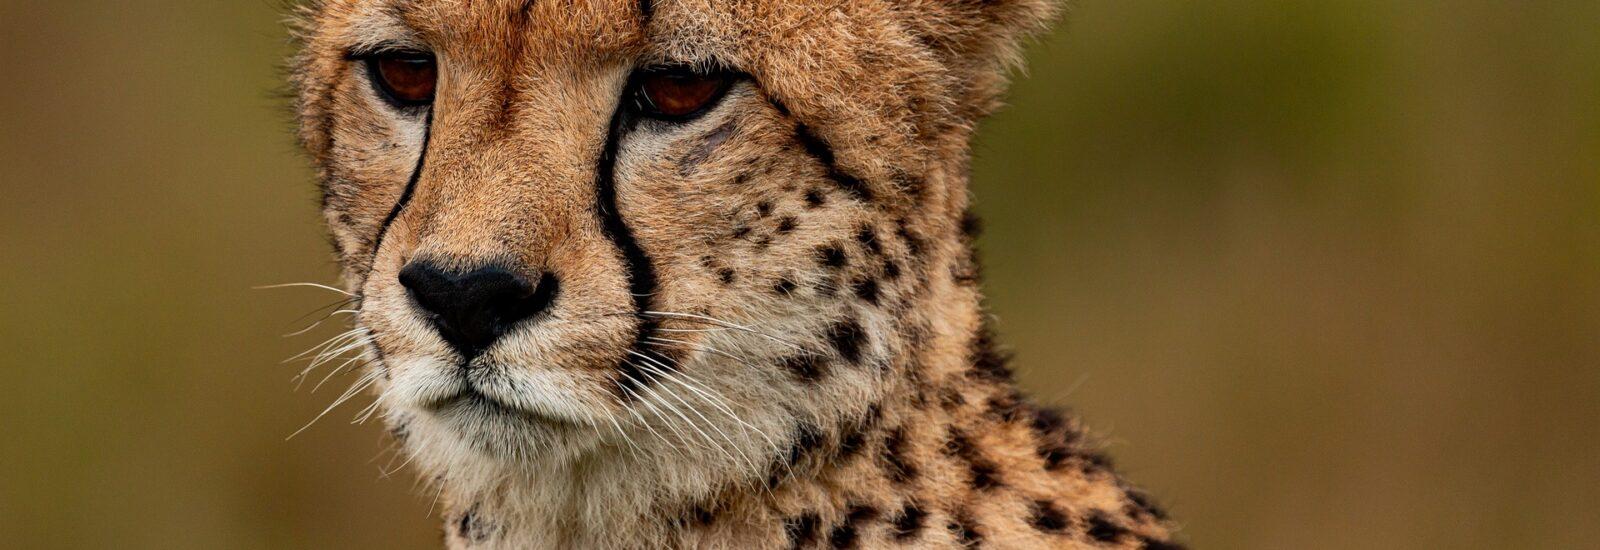 8 Days Classic Safari in Uganda